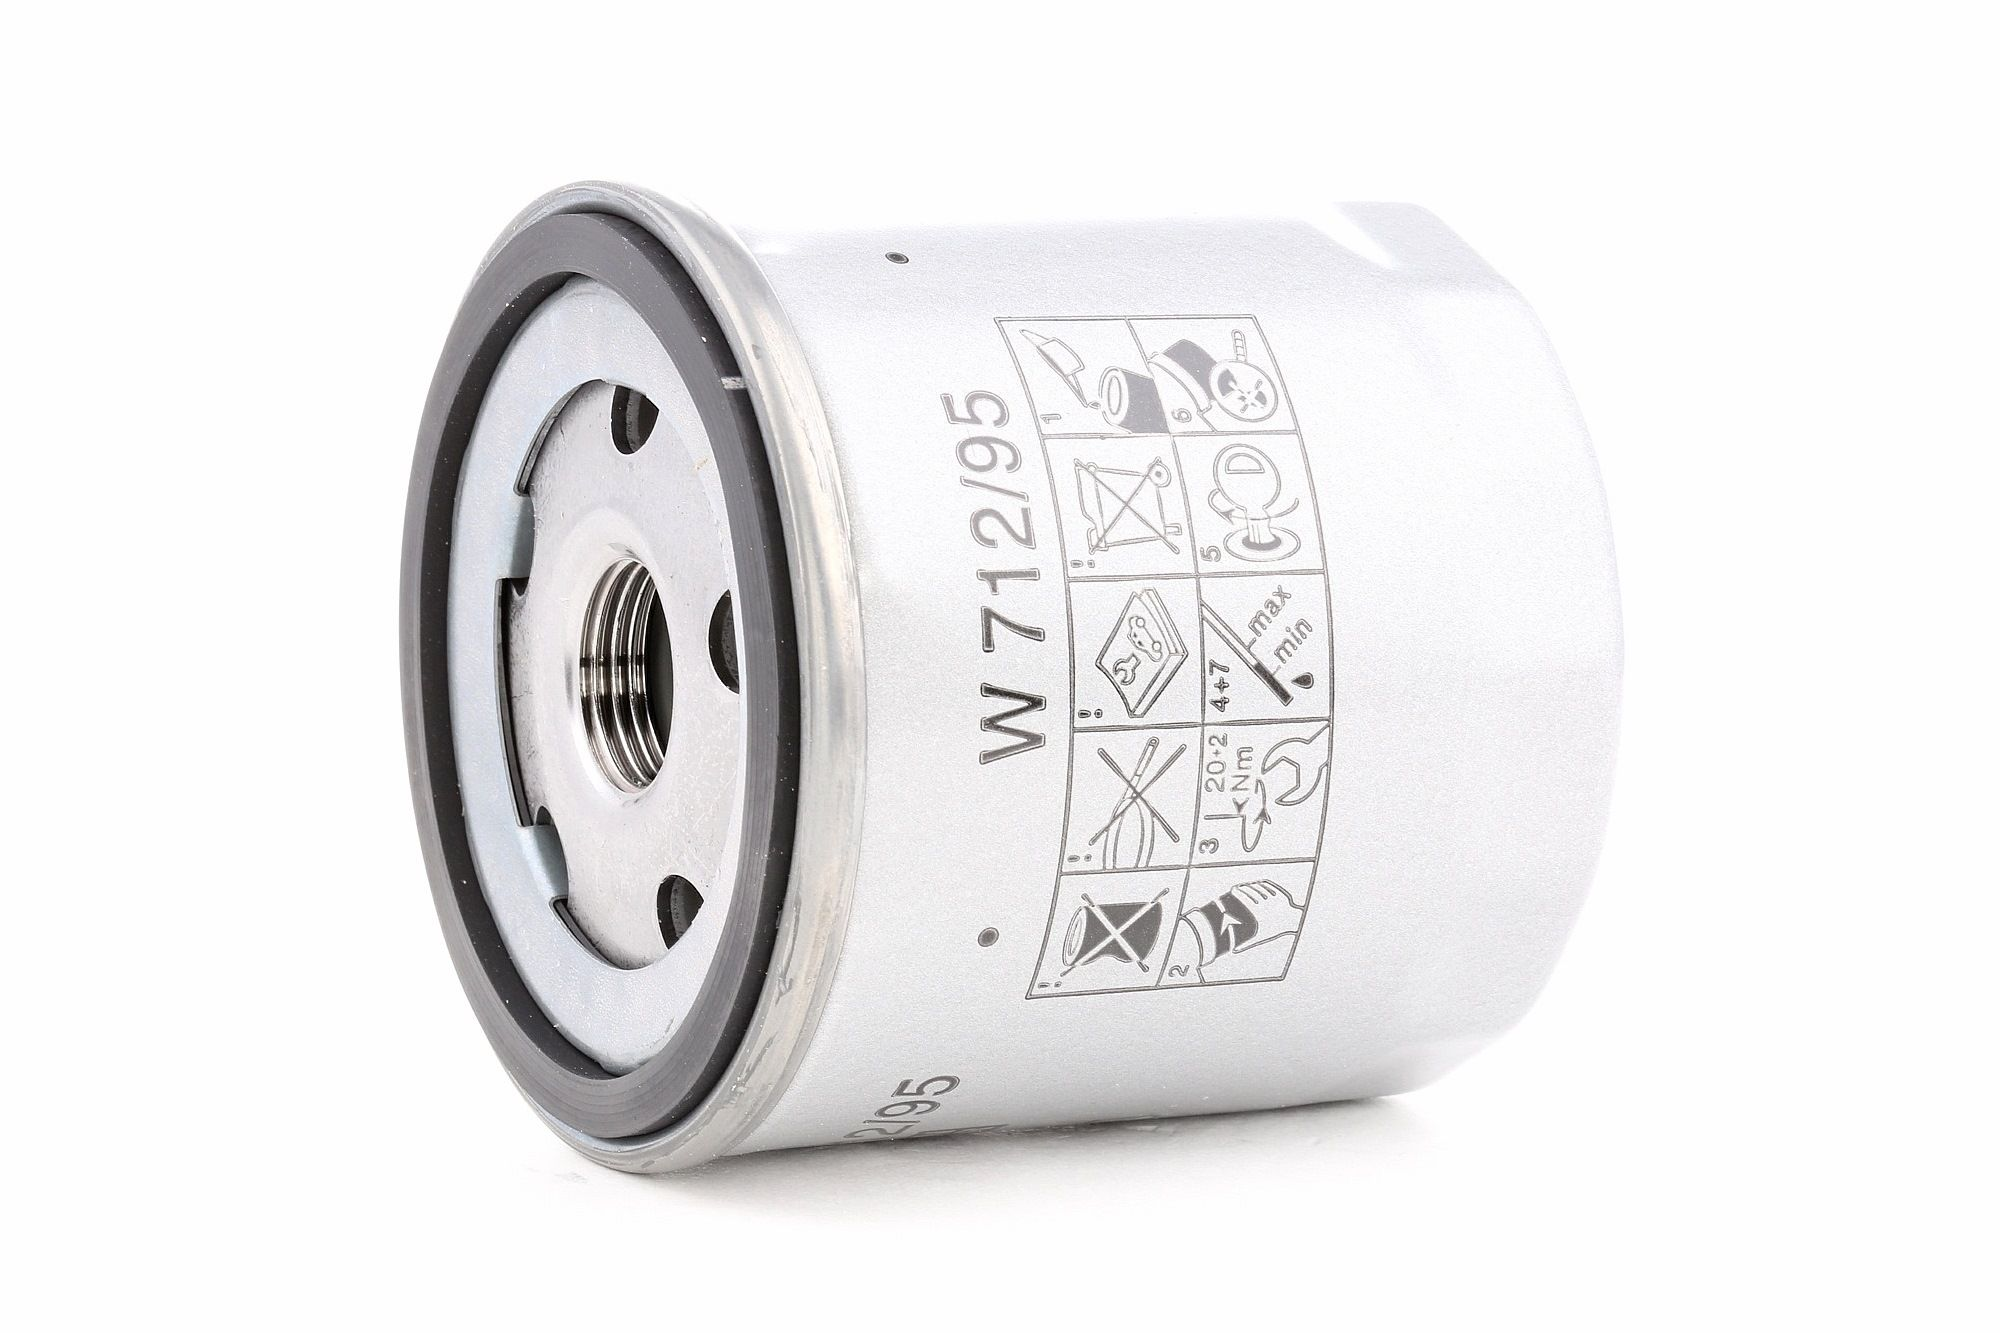 W 712/95 MANN-FILTER Skrutkovací filter, s jednym spätným ventilom Vnútorný priemer 2: 63mm, Ø: 76mm, Vonkajżí priemer 2: 72mm, Výżka: 79mm Olejový filter W 712/95 kúpte si lacno